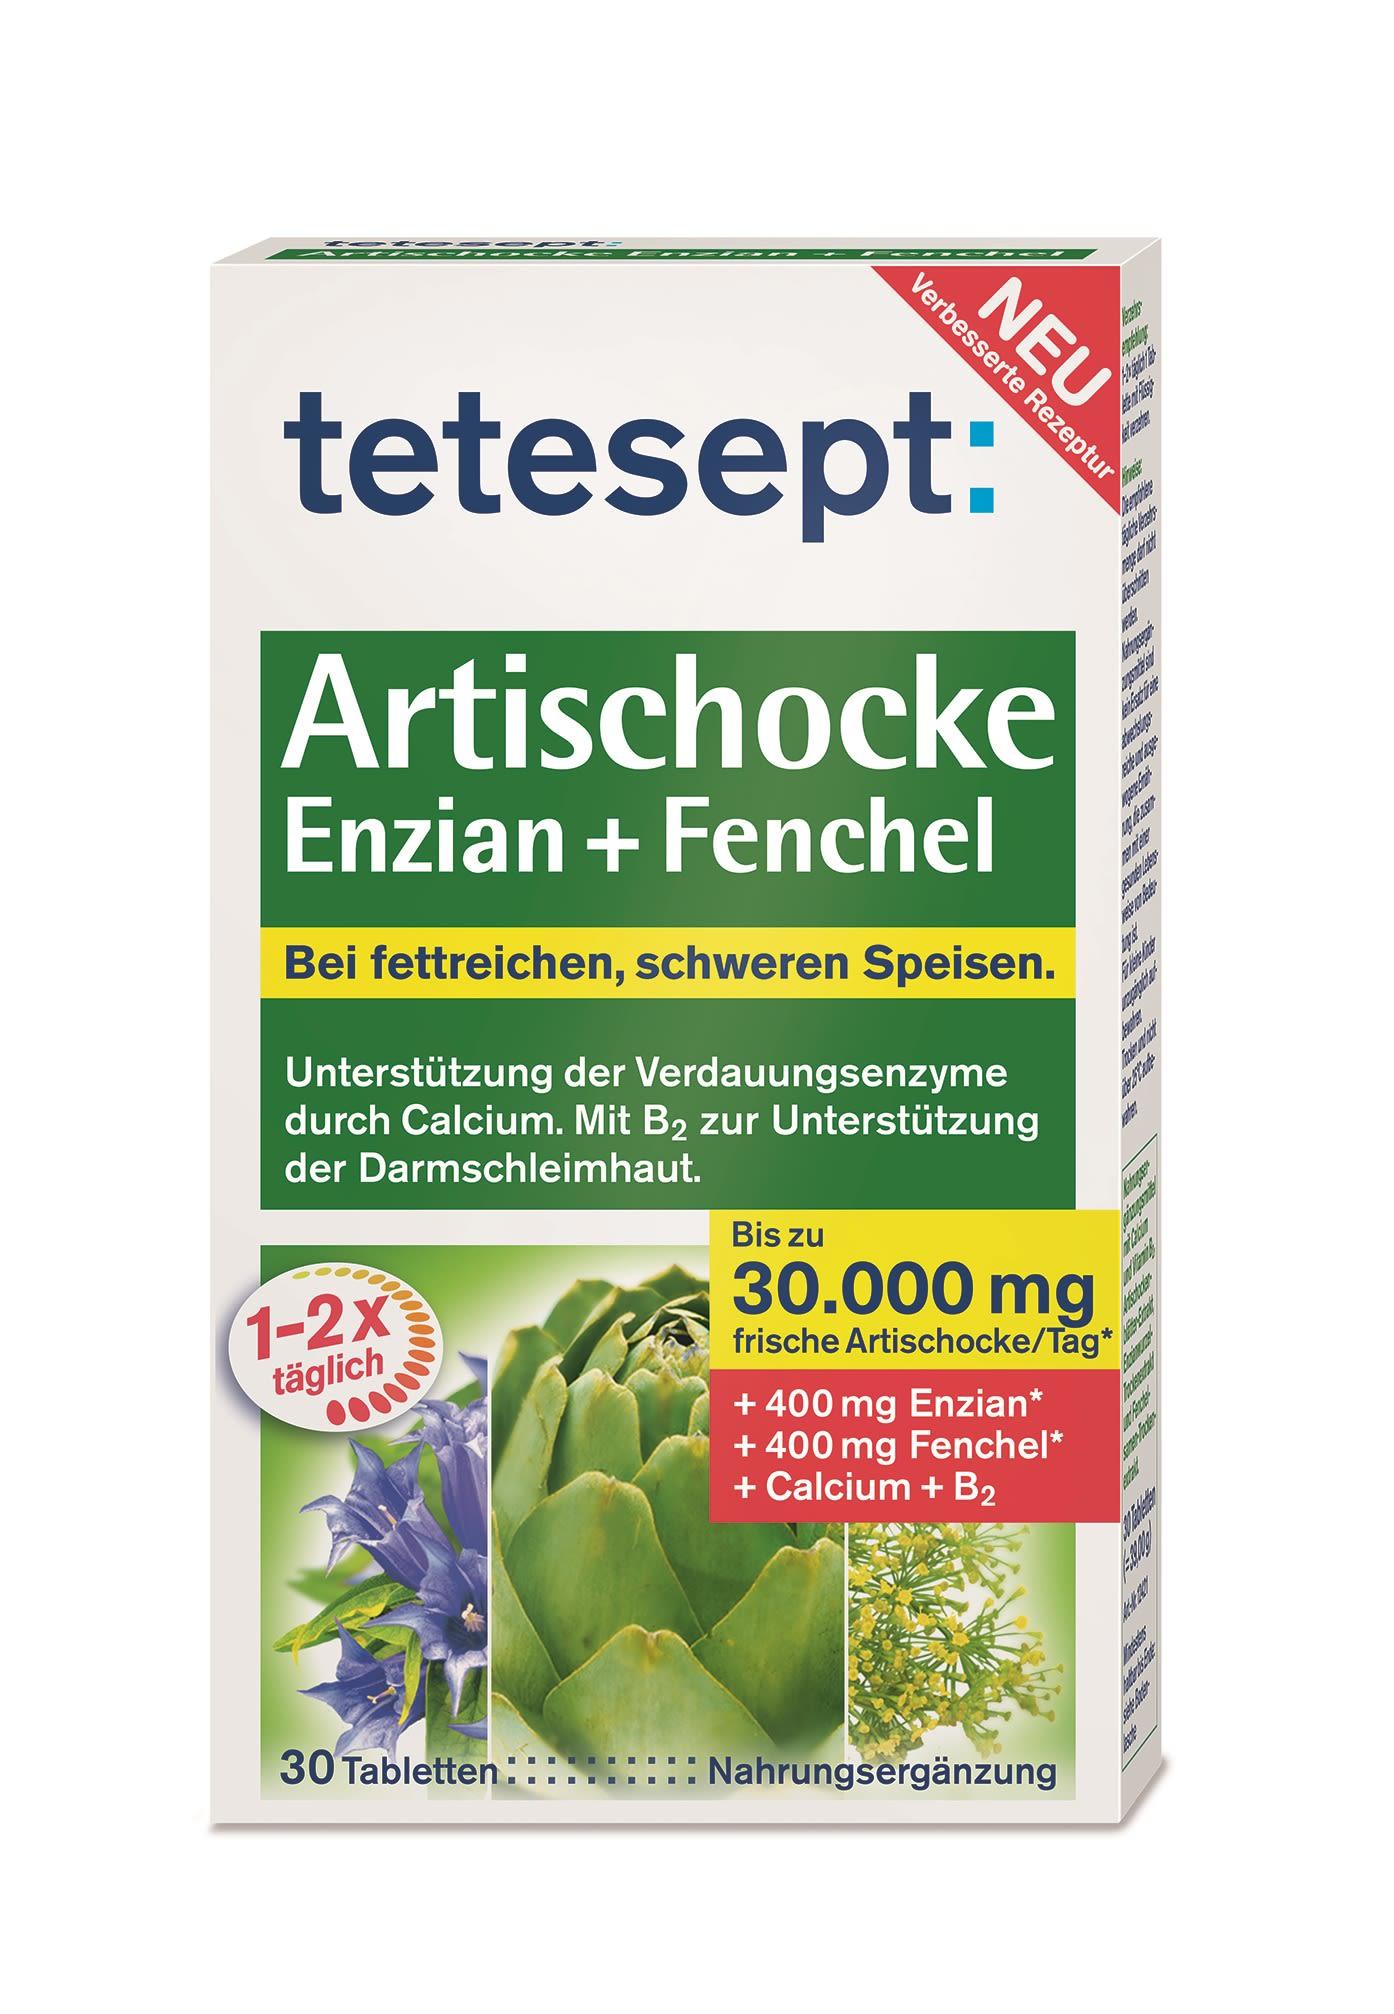 Artischocke Enzian + Fenchel (30 Tabletten)